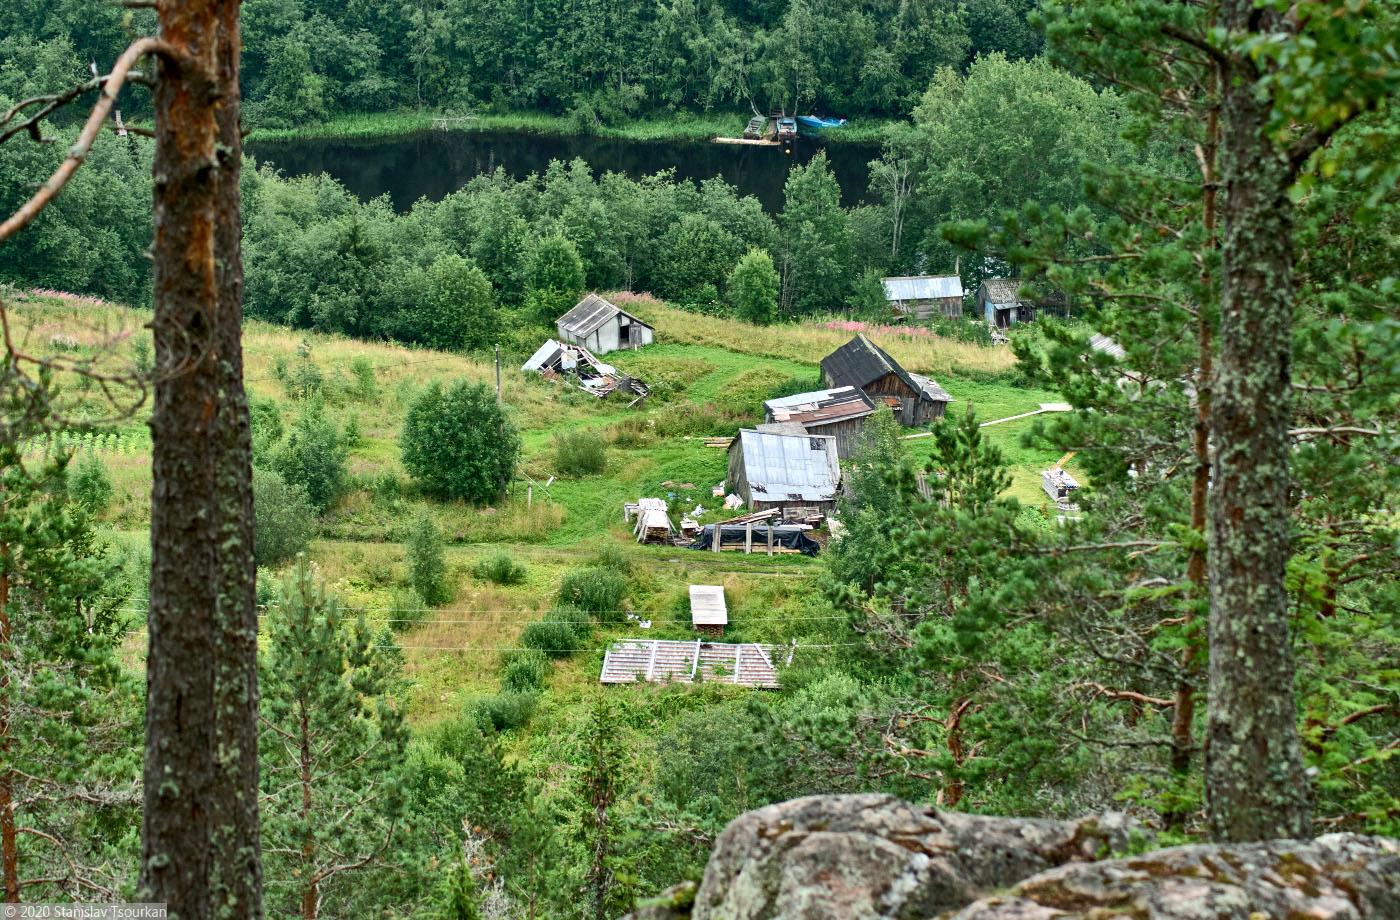 Карелия, республика Карелия, гора, Хийденвуори, пейзажи, природа, Янисйоки